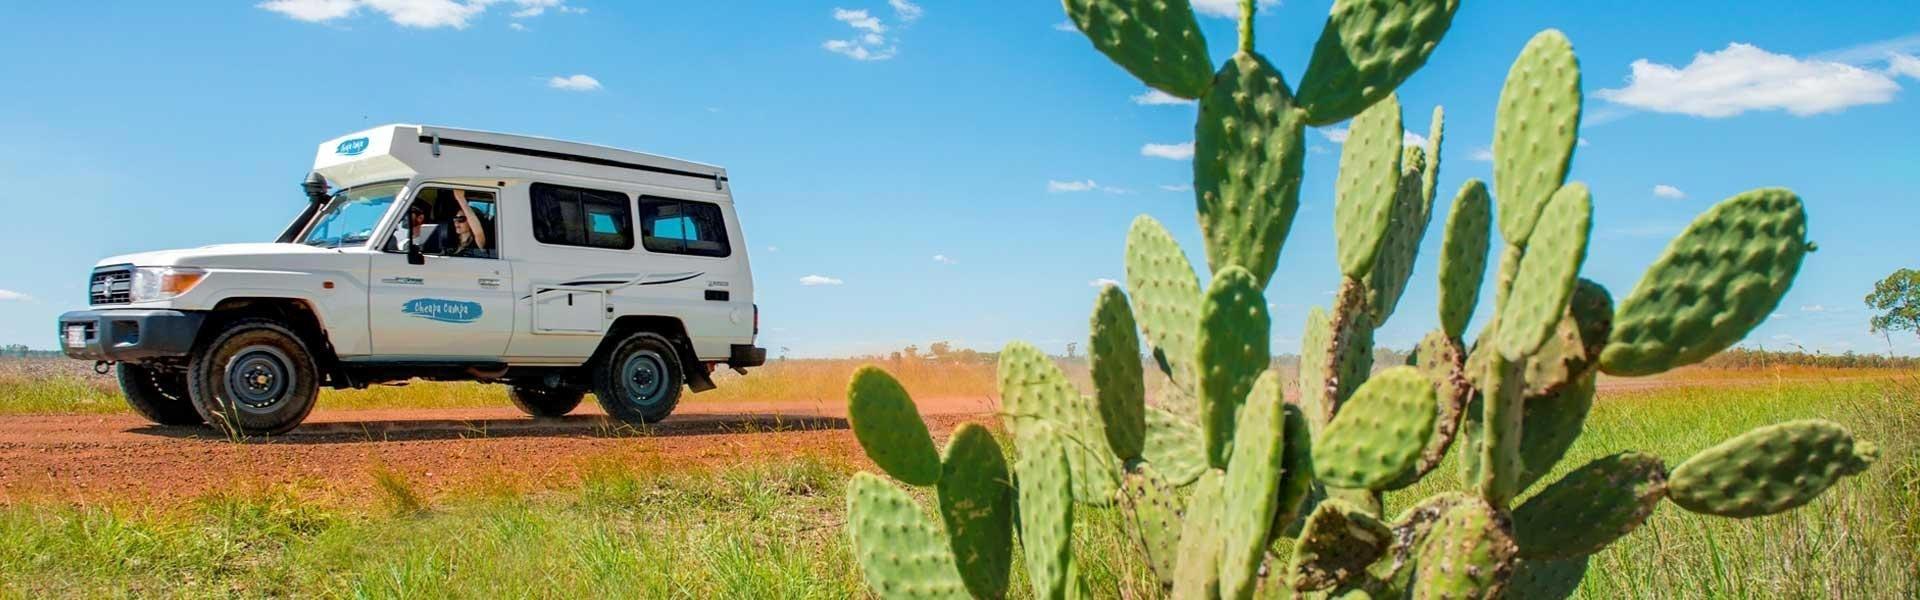 Ontdek Australië tijdens een camperreis met Cheapa Campa Australië